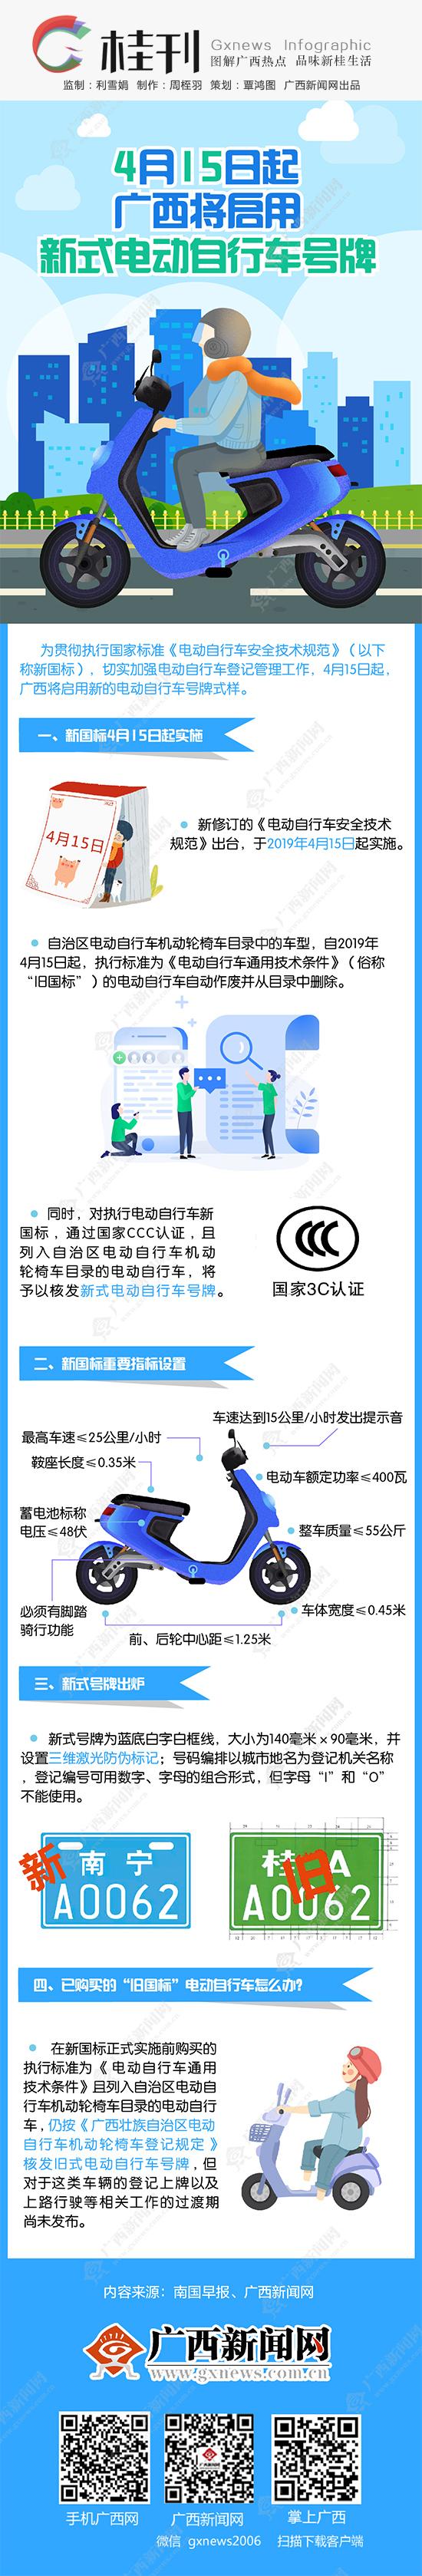 """【桂刊】""""新国标""""来了!广西将启用新式电动自行车号牌"""